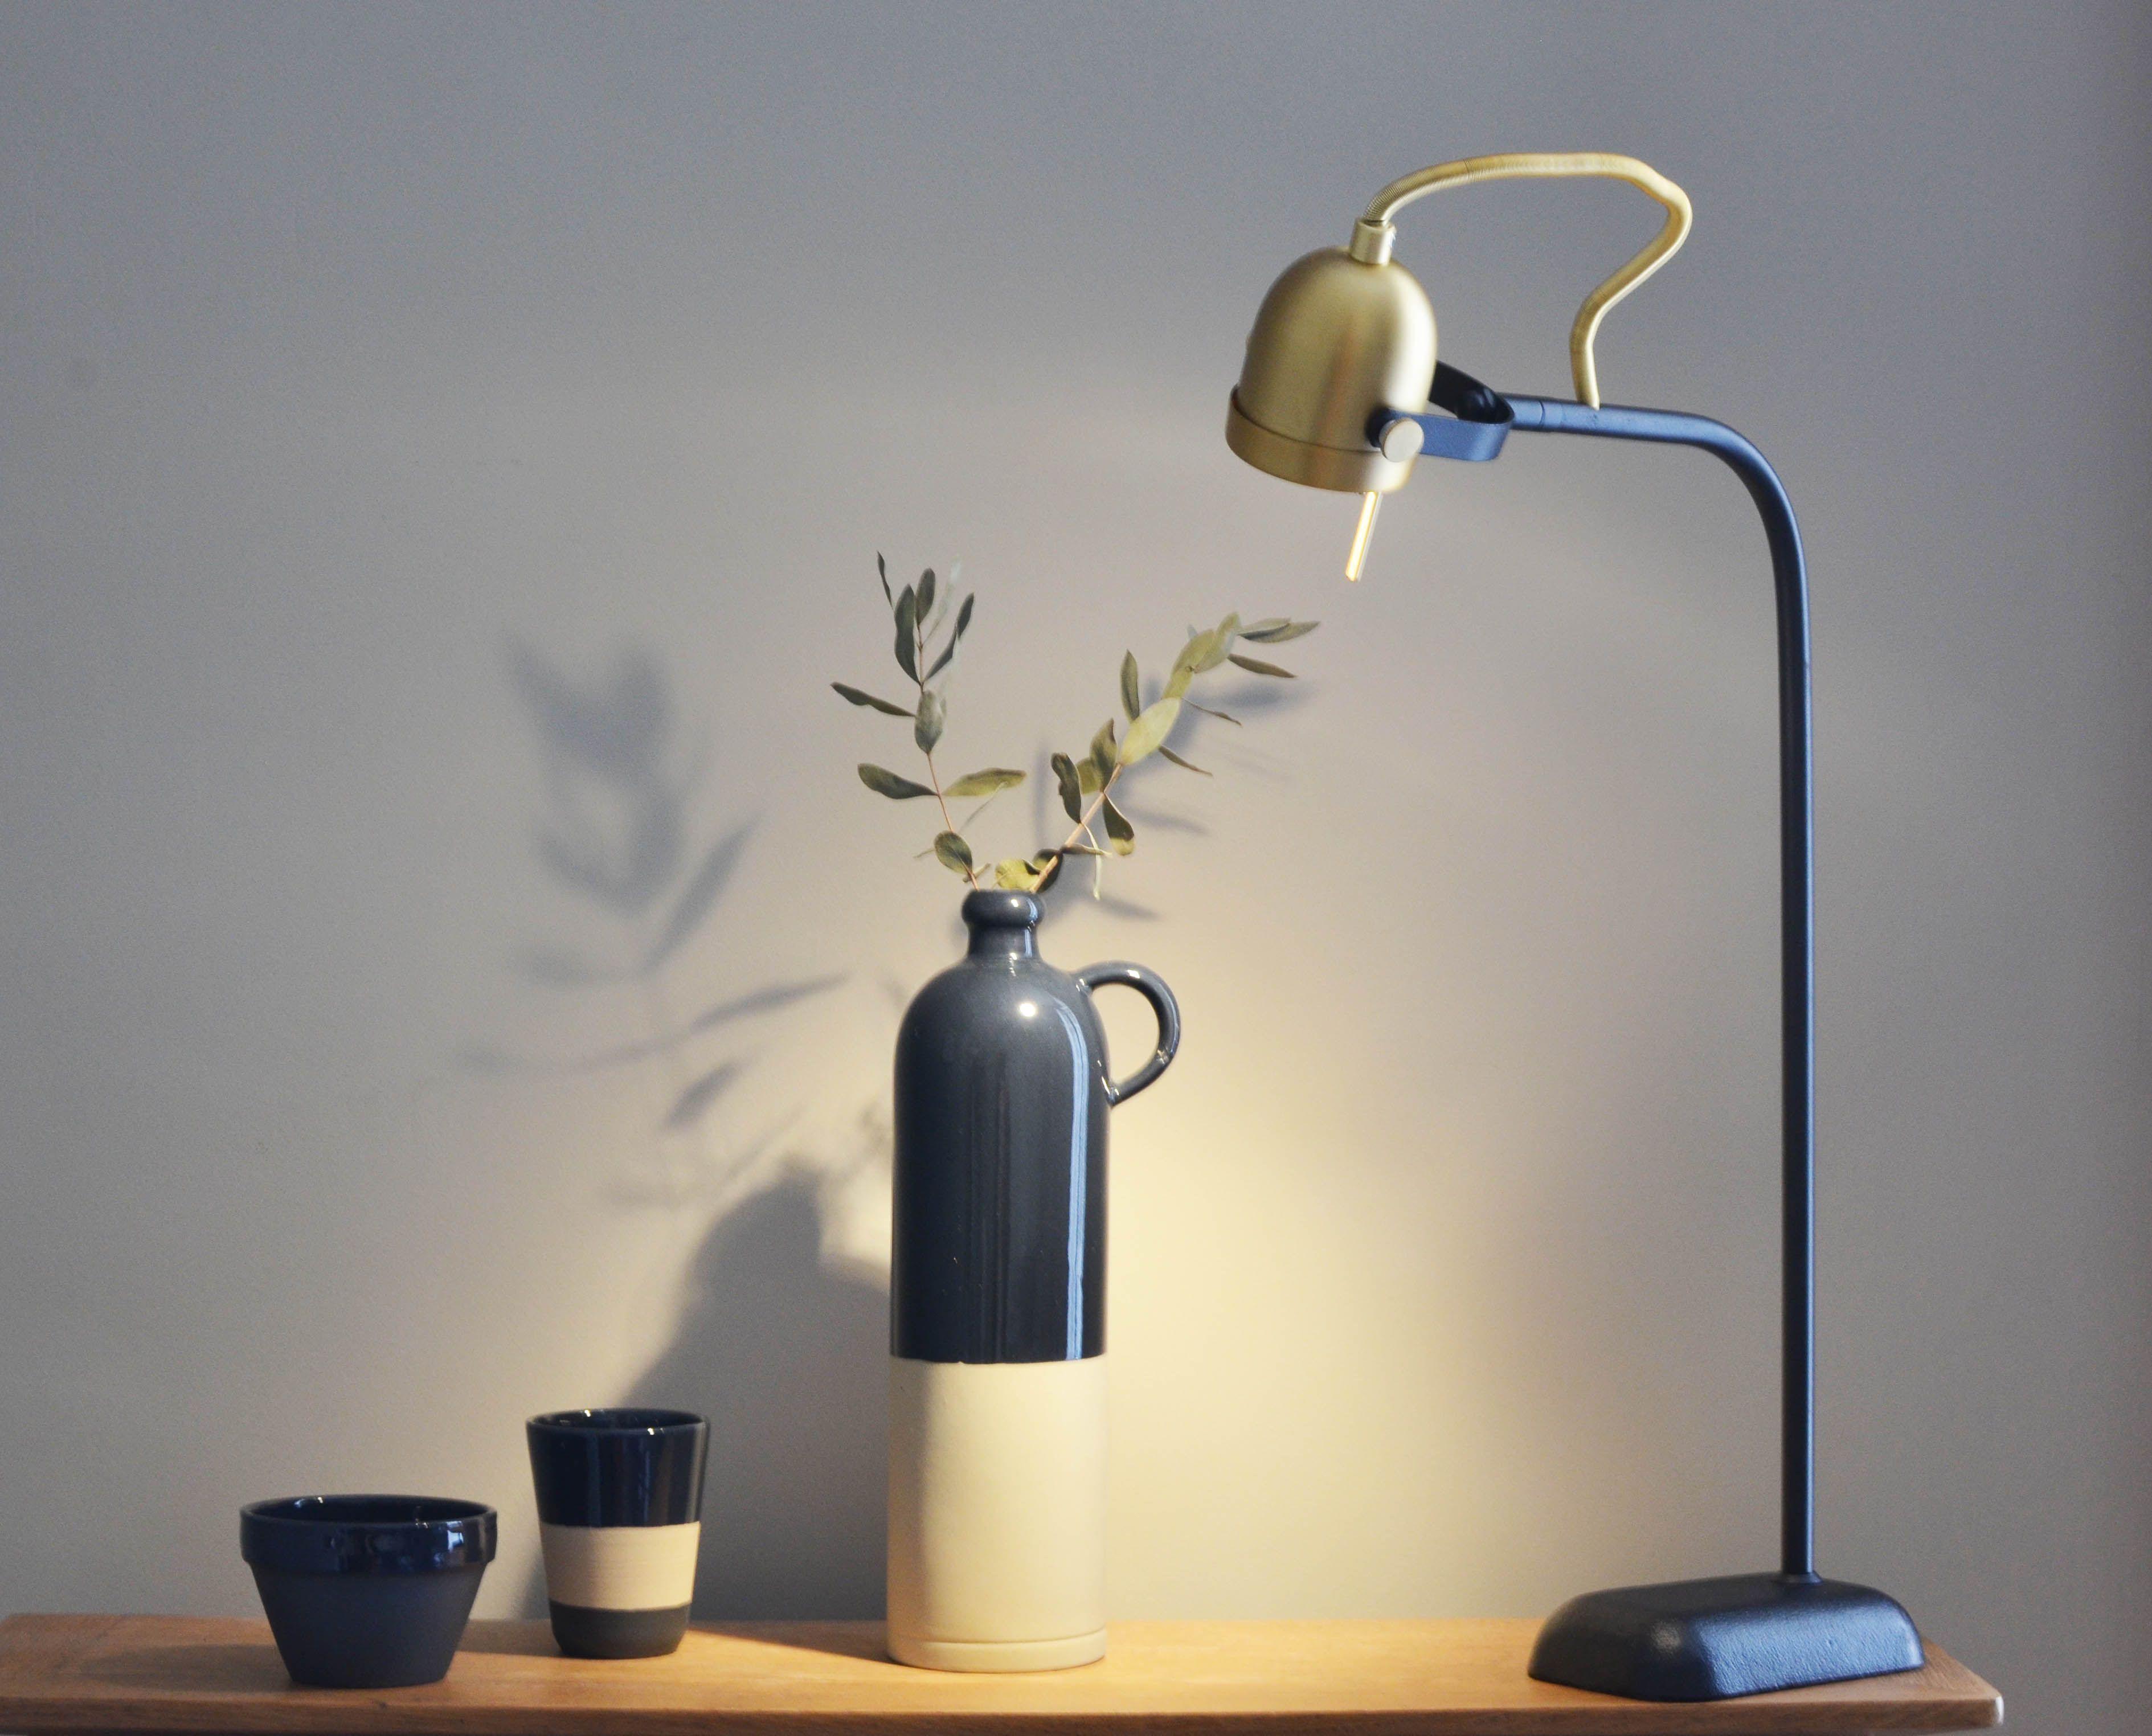 Elgante lampe de bureau clairage Led rglable Son design ses